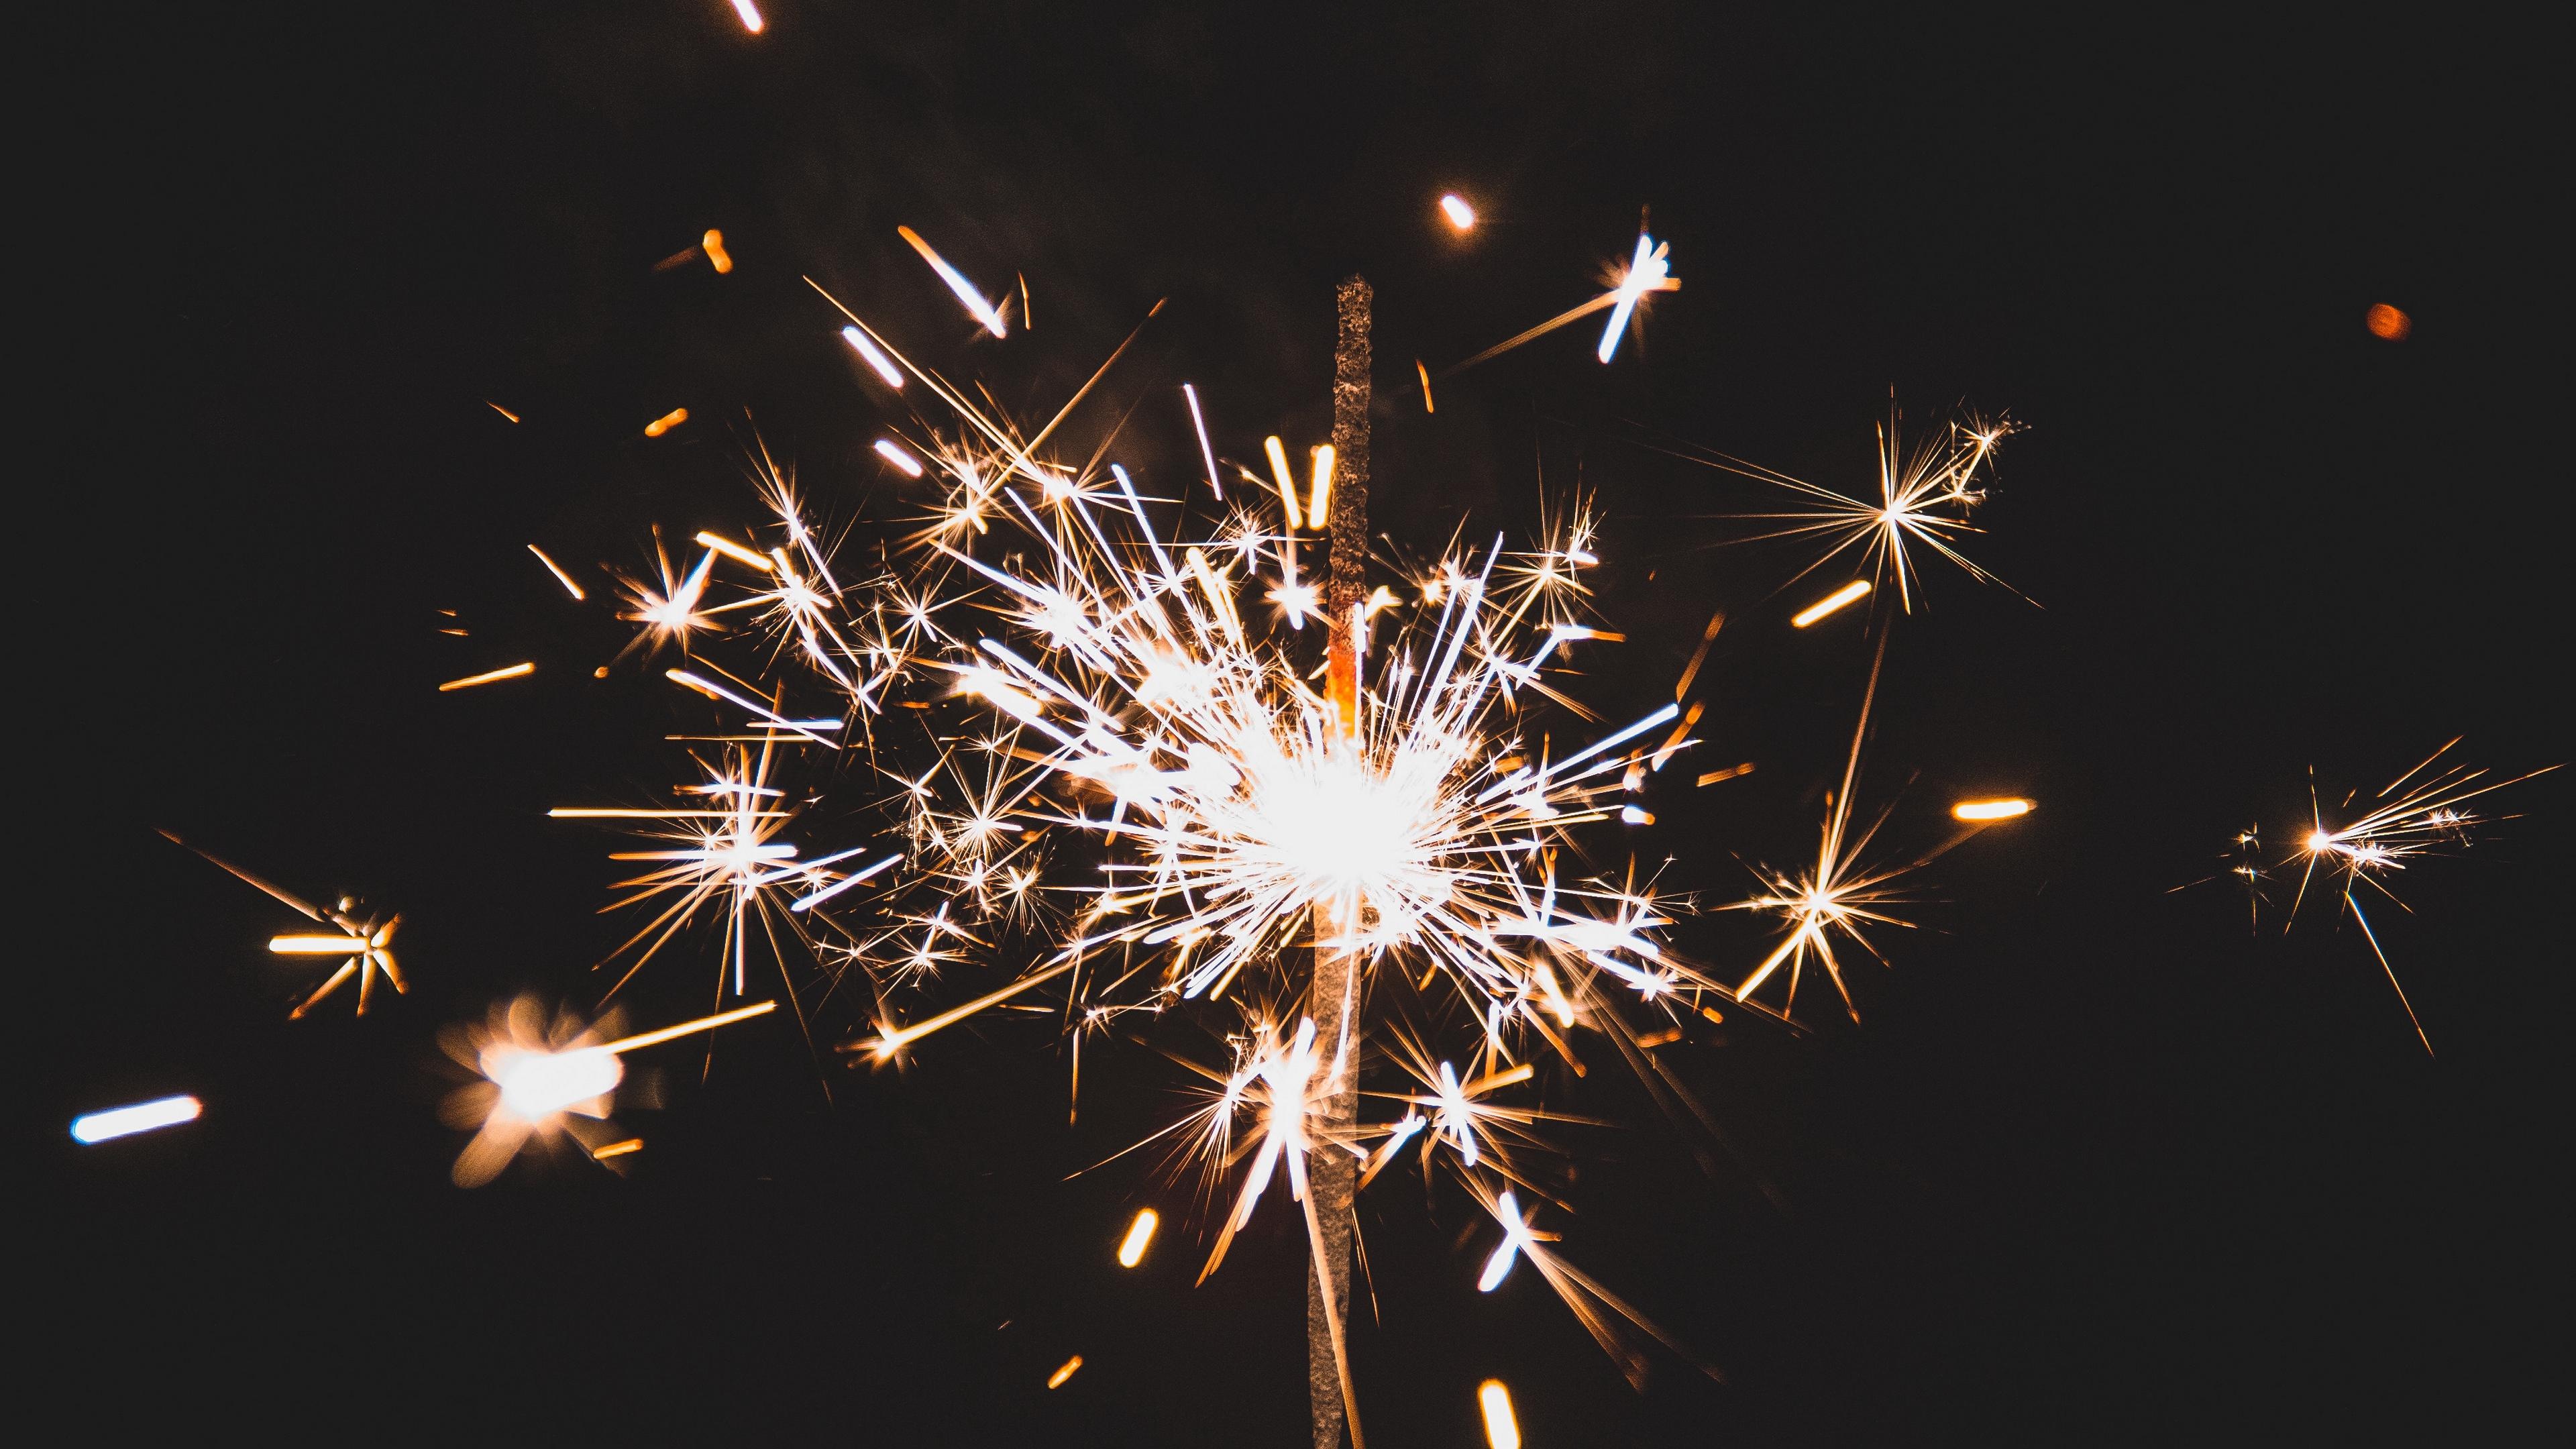 bengal fire sparkler holiday sparks dark background 4k 1538345131 - bengal fire, sparkler, holiday, sparks, dark background 4k - sparkler, Holiday, bengal fire